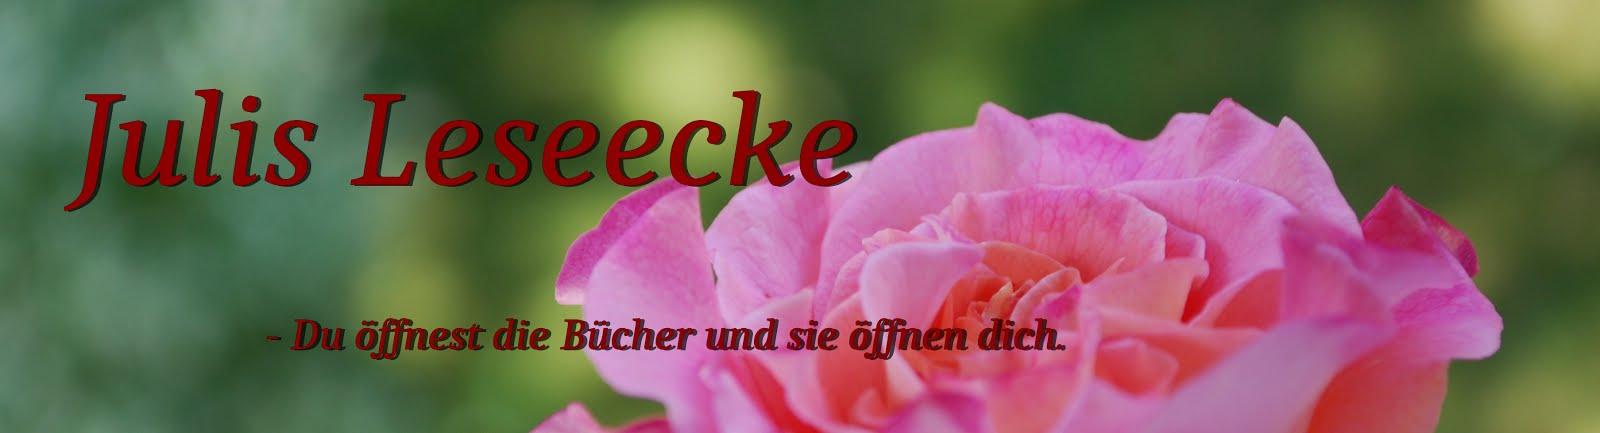 Julis Leseecke